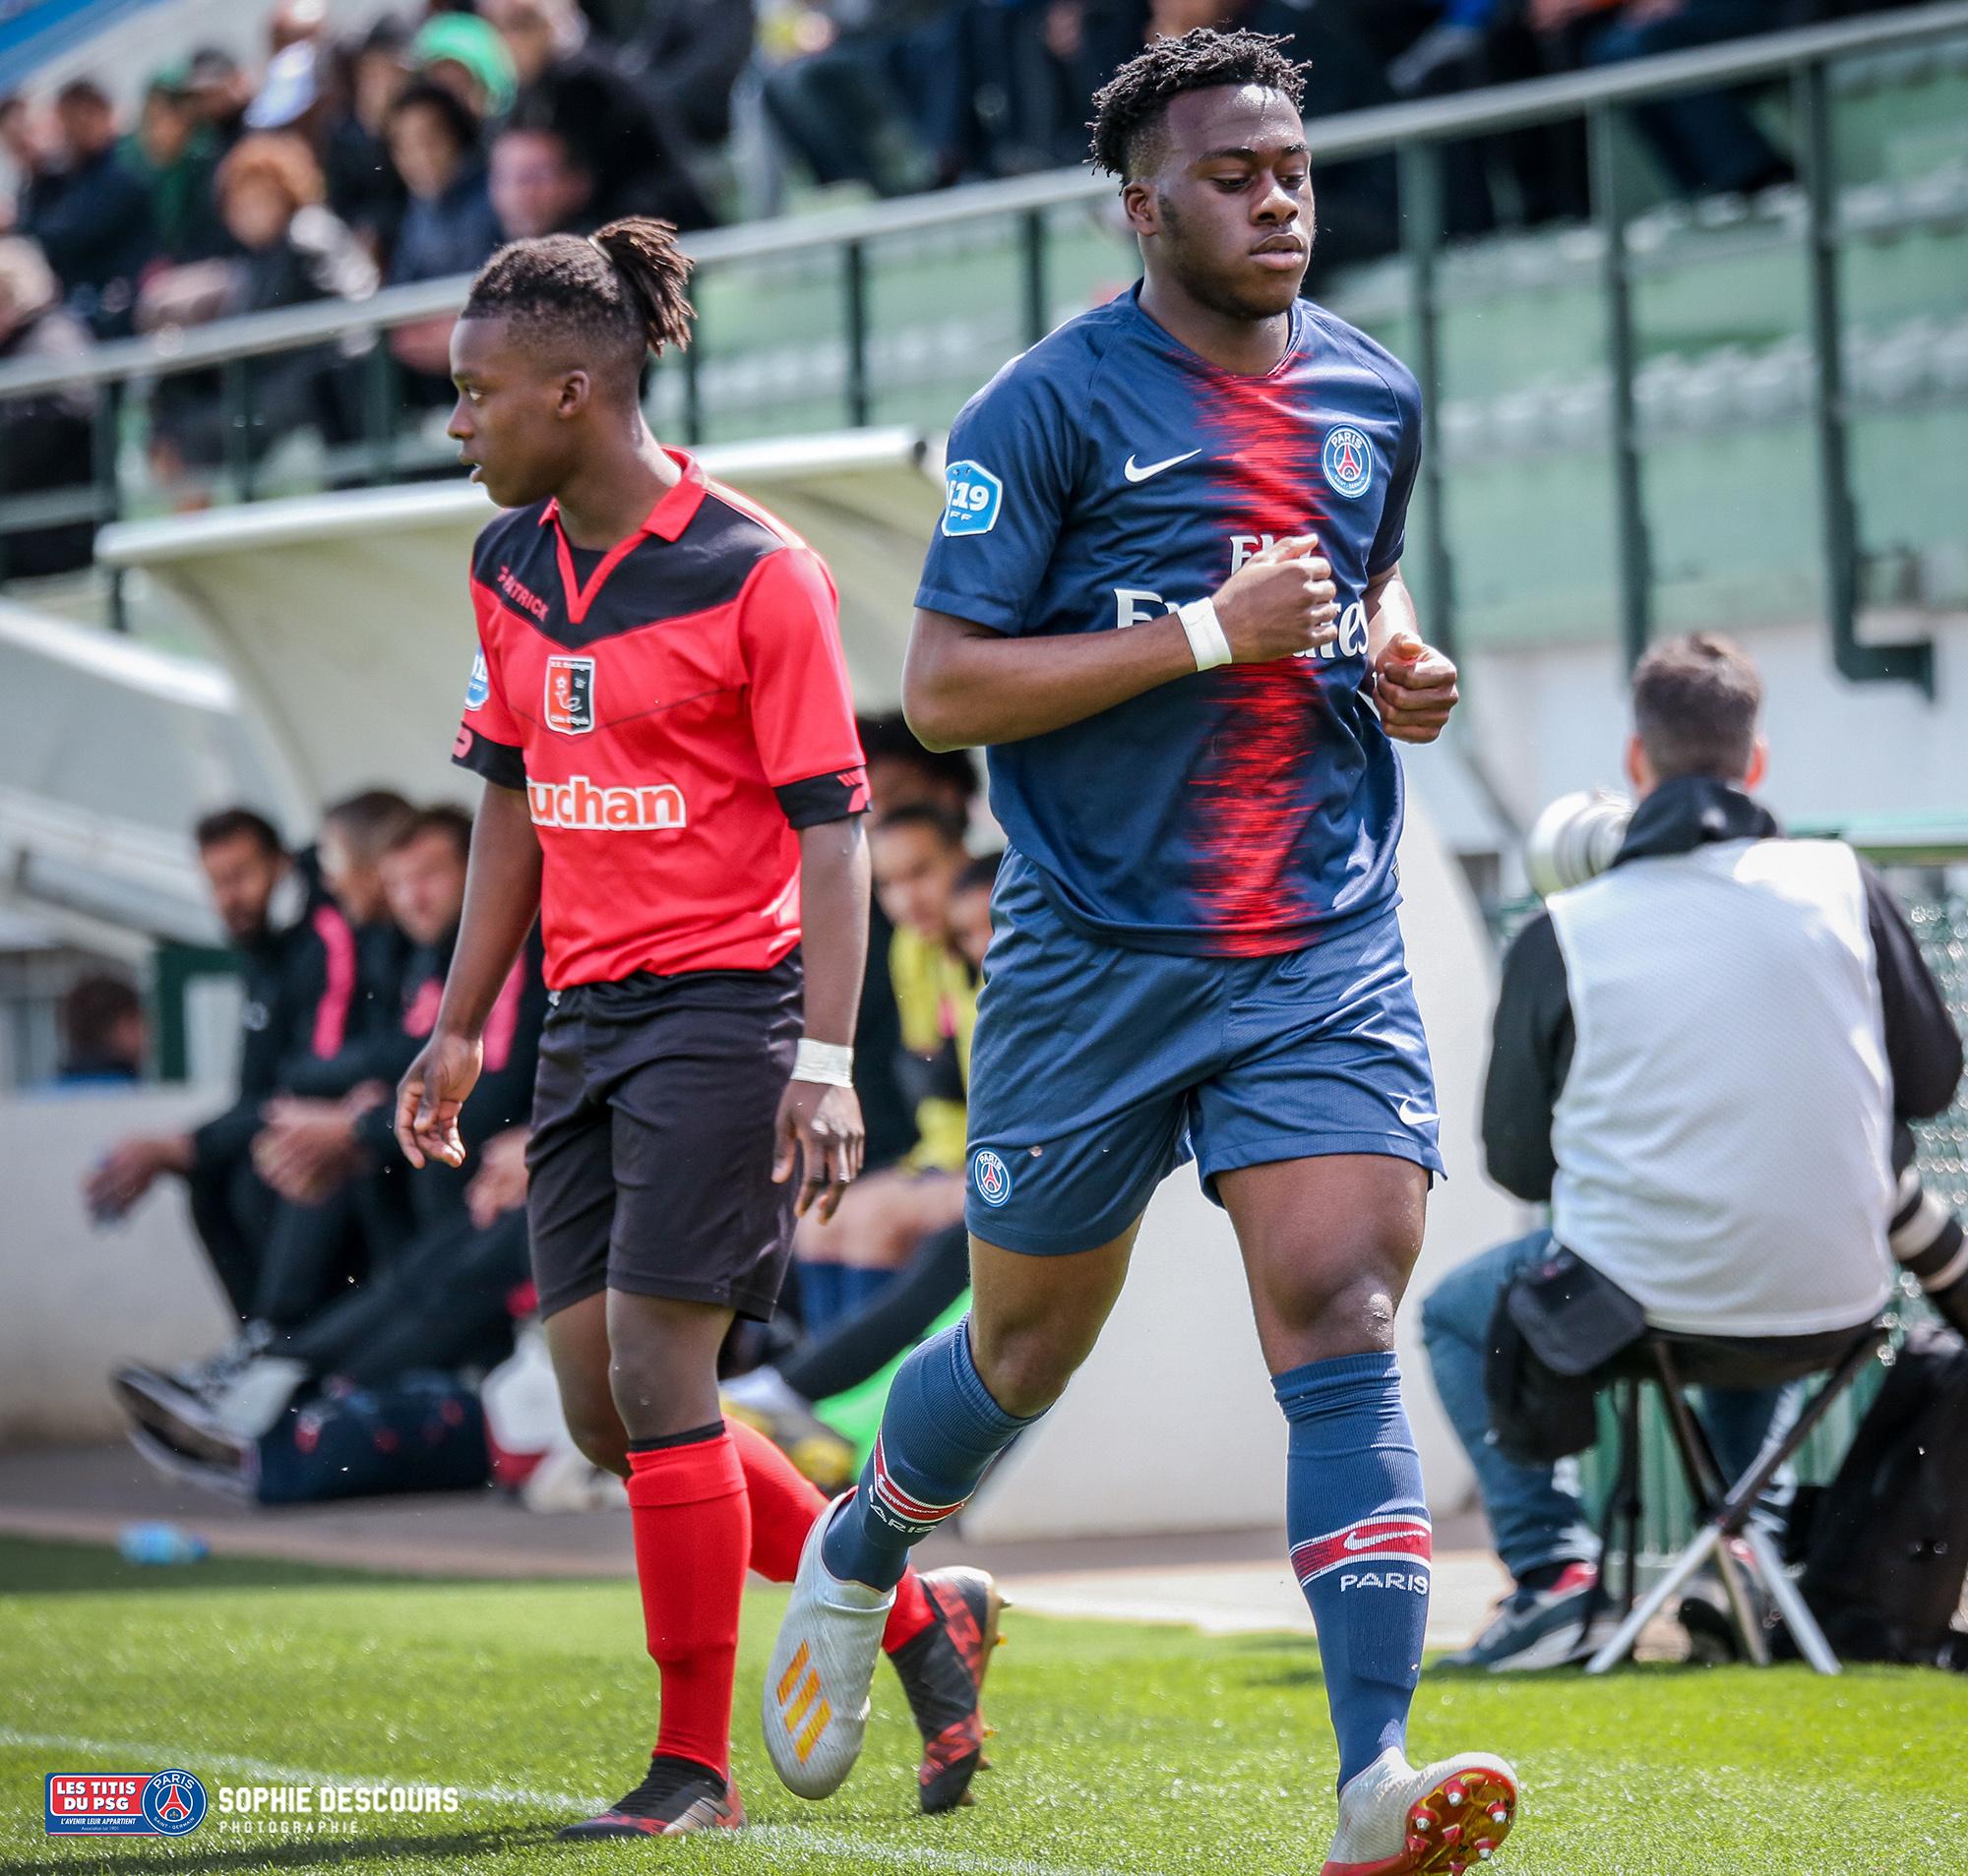 Arnaud Kalimuendomuinga attaquant U19 psg